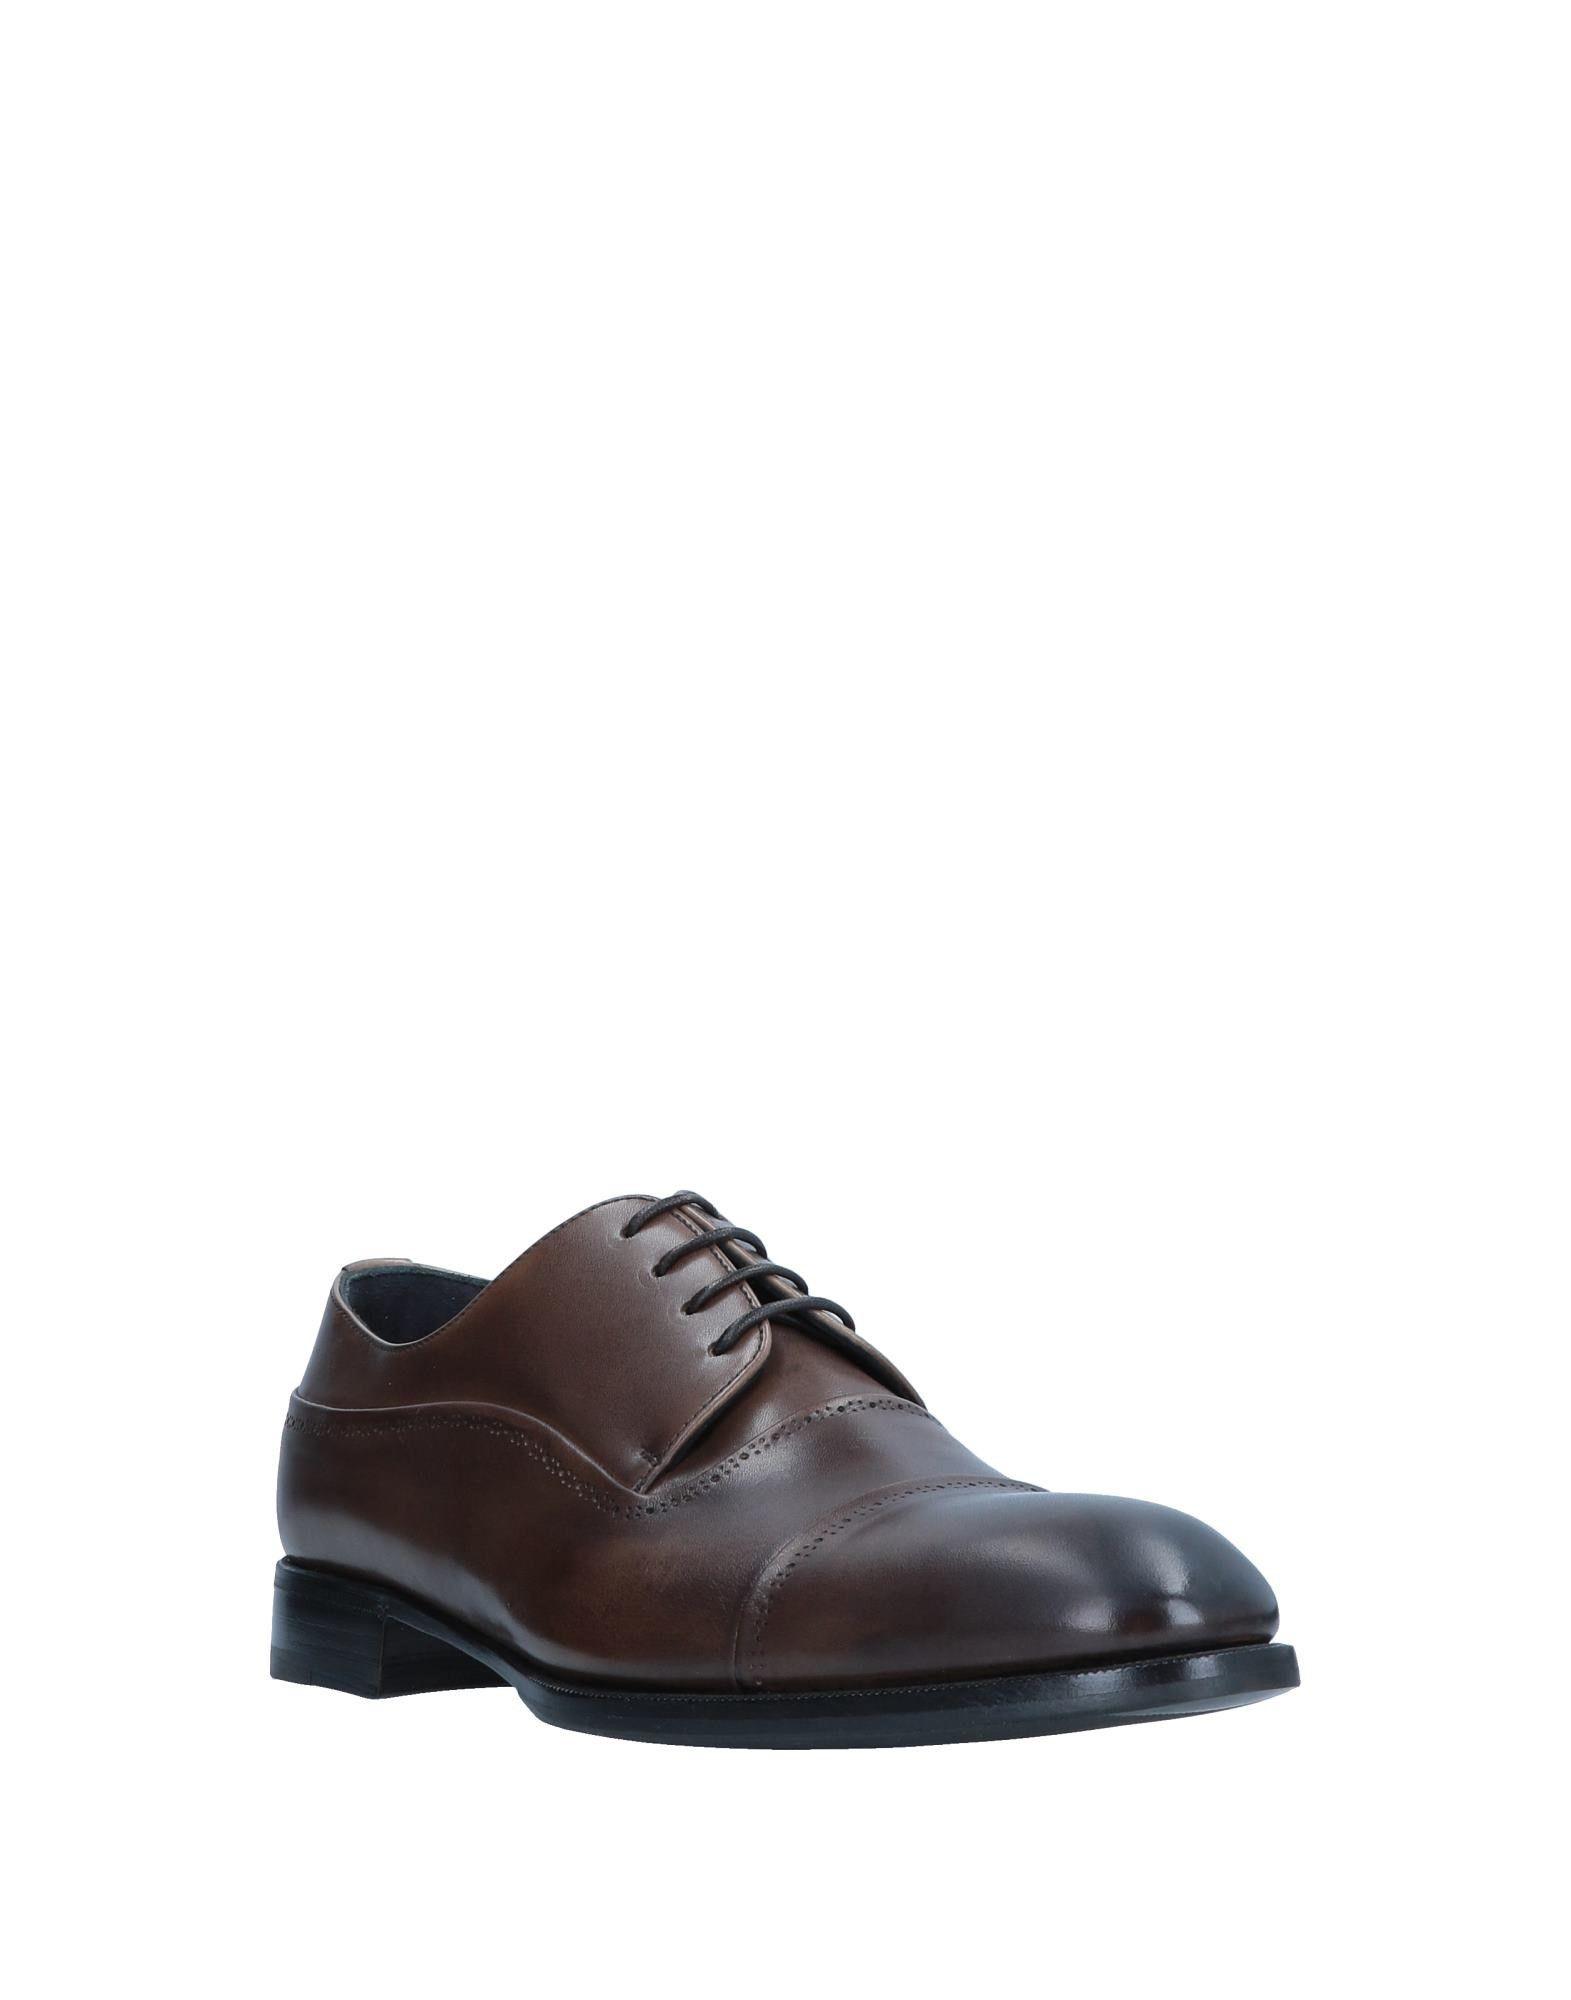 Barrett Schnürschuhe Herren  11548411CE 11548411CE  Gute Qualität beliebte Schuhe 83d9b9